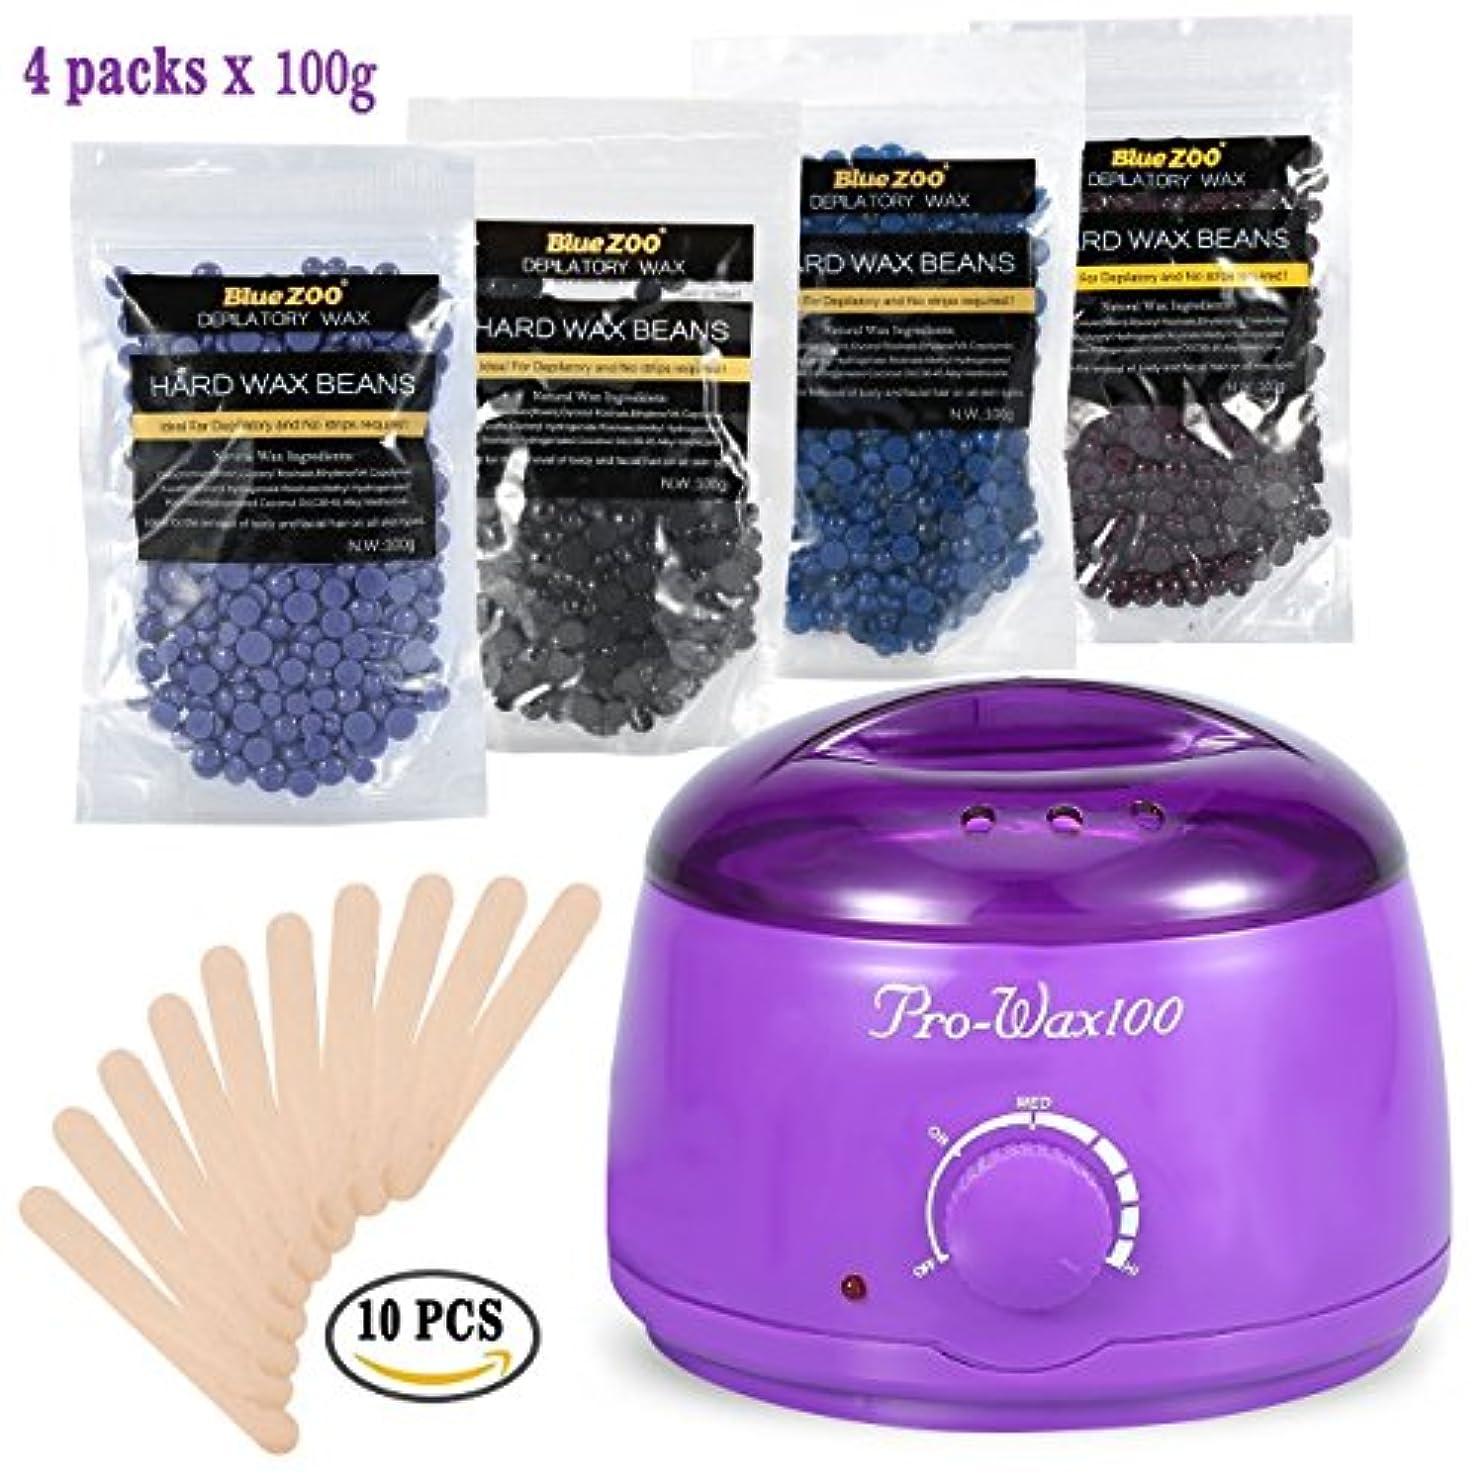 ミトン無臭あたたかいビキニボディ脱毛キットをワックスがけ、500ミリリットル電気ワックスヒーター(紫)ハードワックス豆と10木製のへら、ワックス豆の100Gバッグの異なる味の4種類 (1)